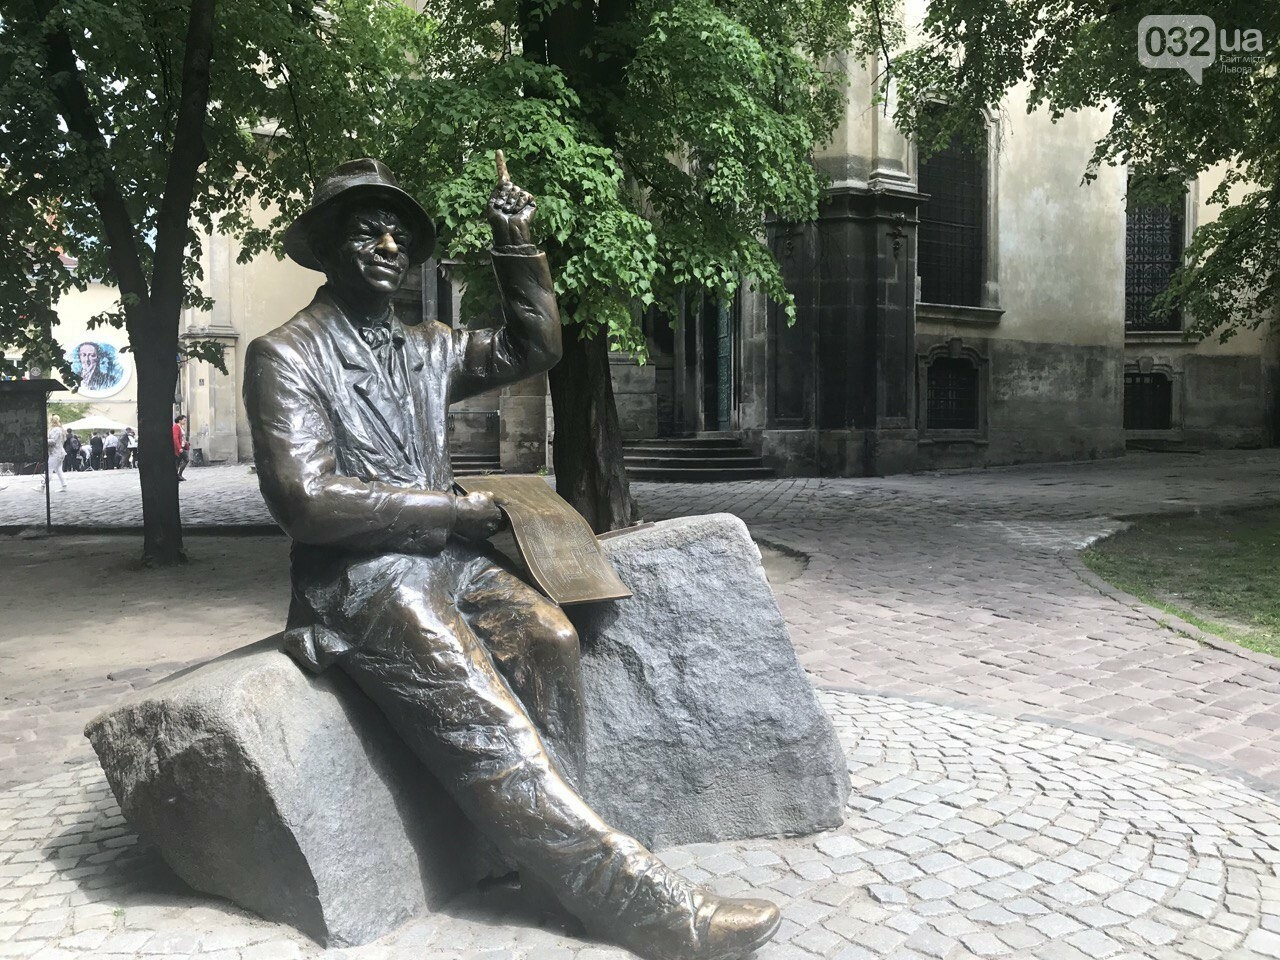 Пам'ятник Никифору-Епіфанію Дровняку, Фото: 032.ua